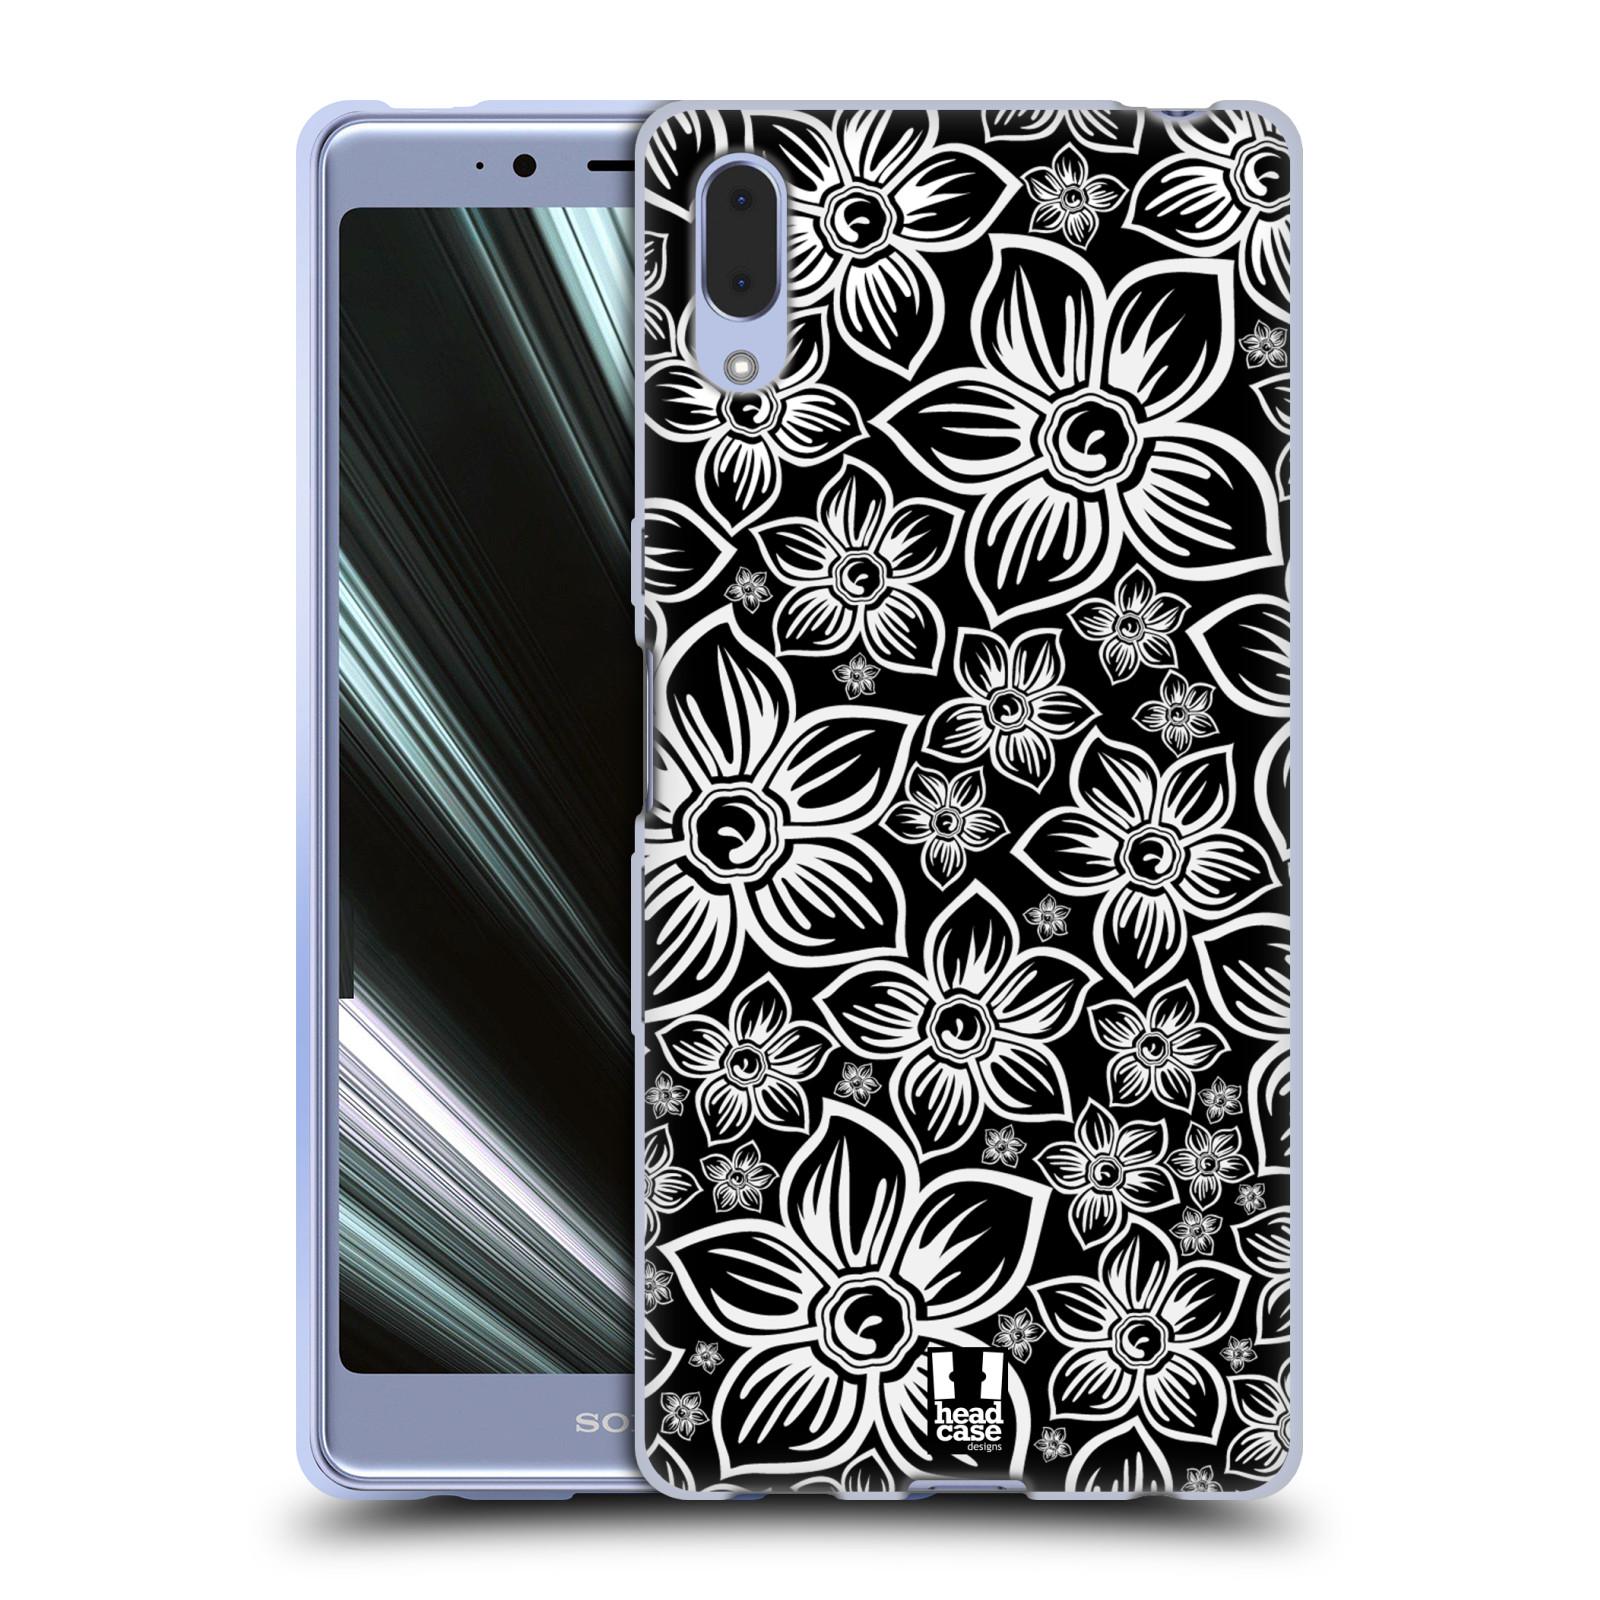 Silikonové pouzdro na mobil Sony Xperia L3 - Head Case - FLORAL DAISY